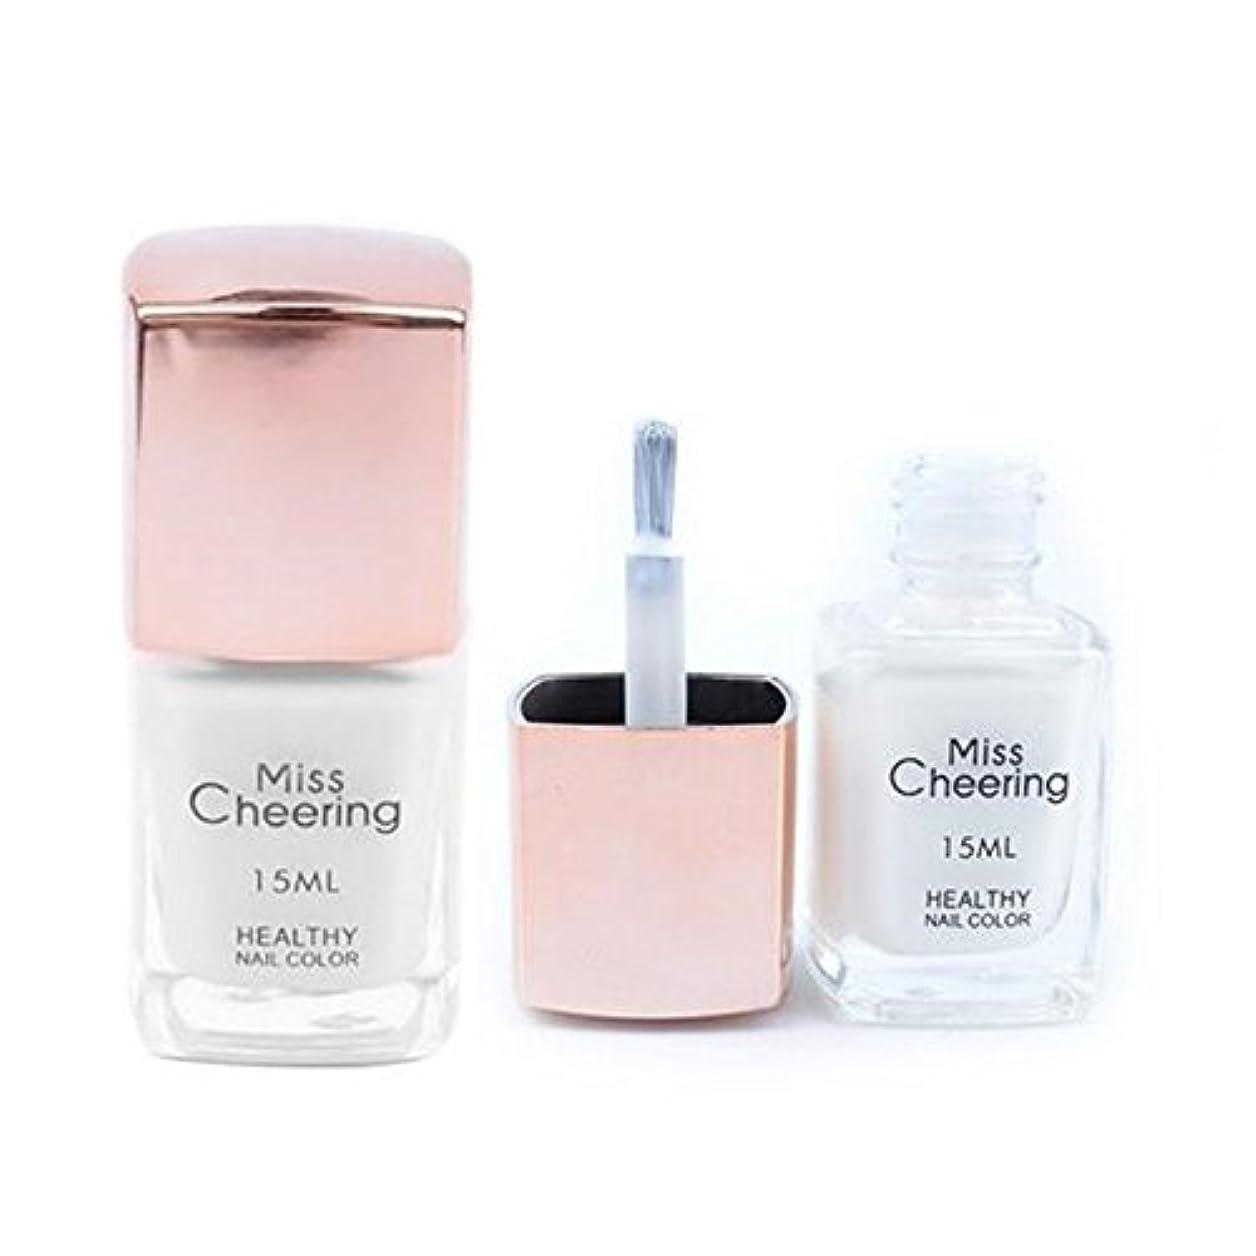 1ボトル 15ML ピールオフリキッドネイル Peel Off Nail Creamスキンクリームスキンケアベースコード ネイルケアネイル用品ネイルアートピンク ホワイト ブルー3色から選べ (ホワイト)